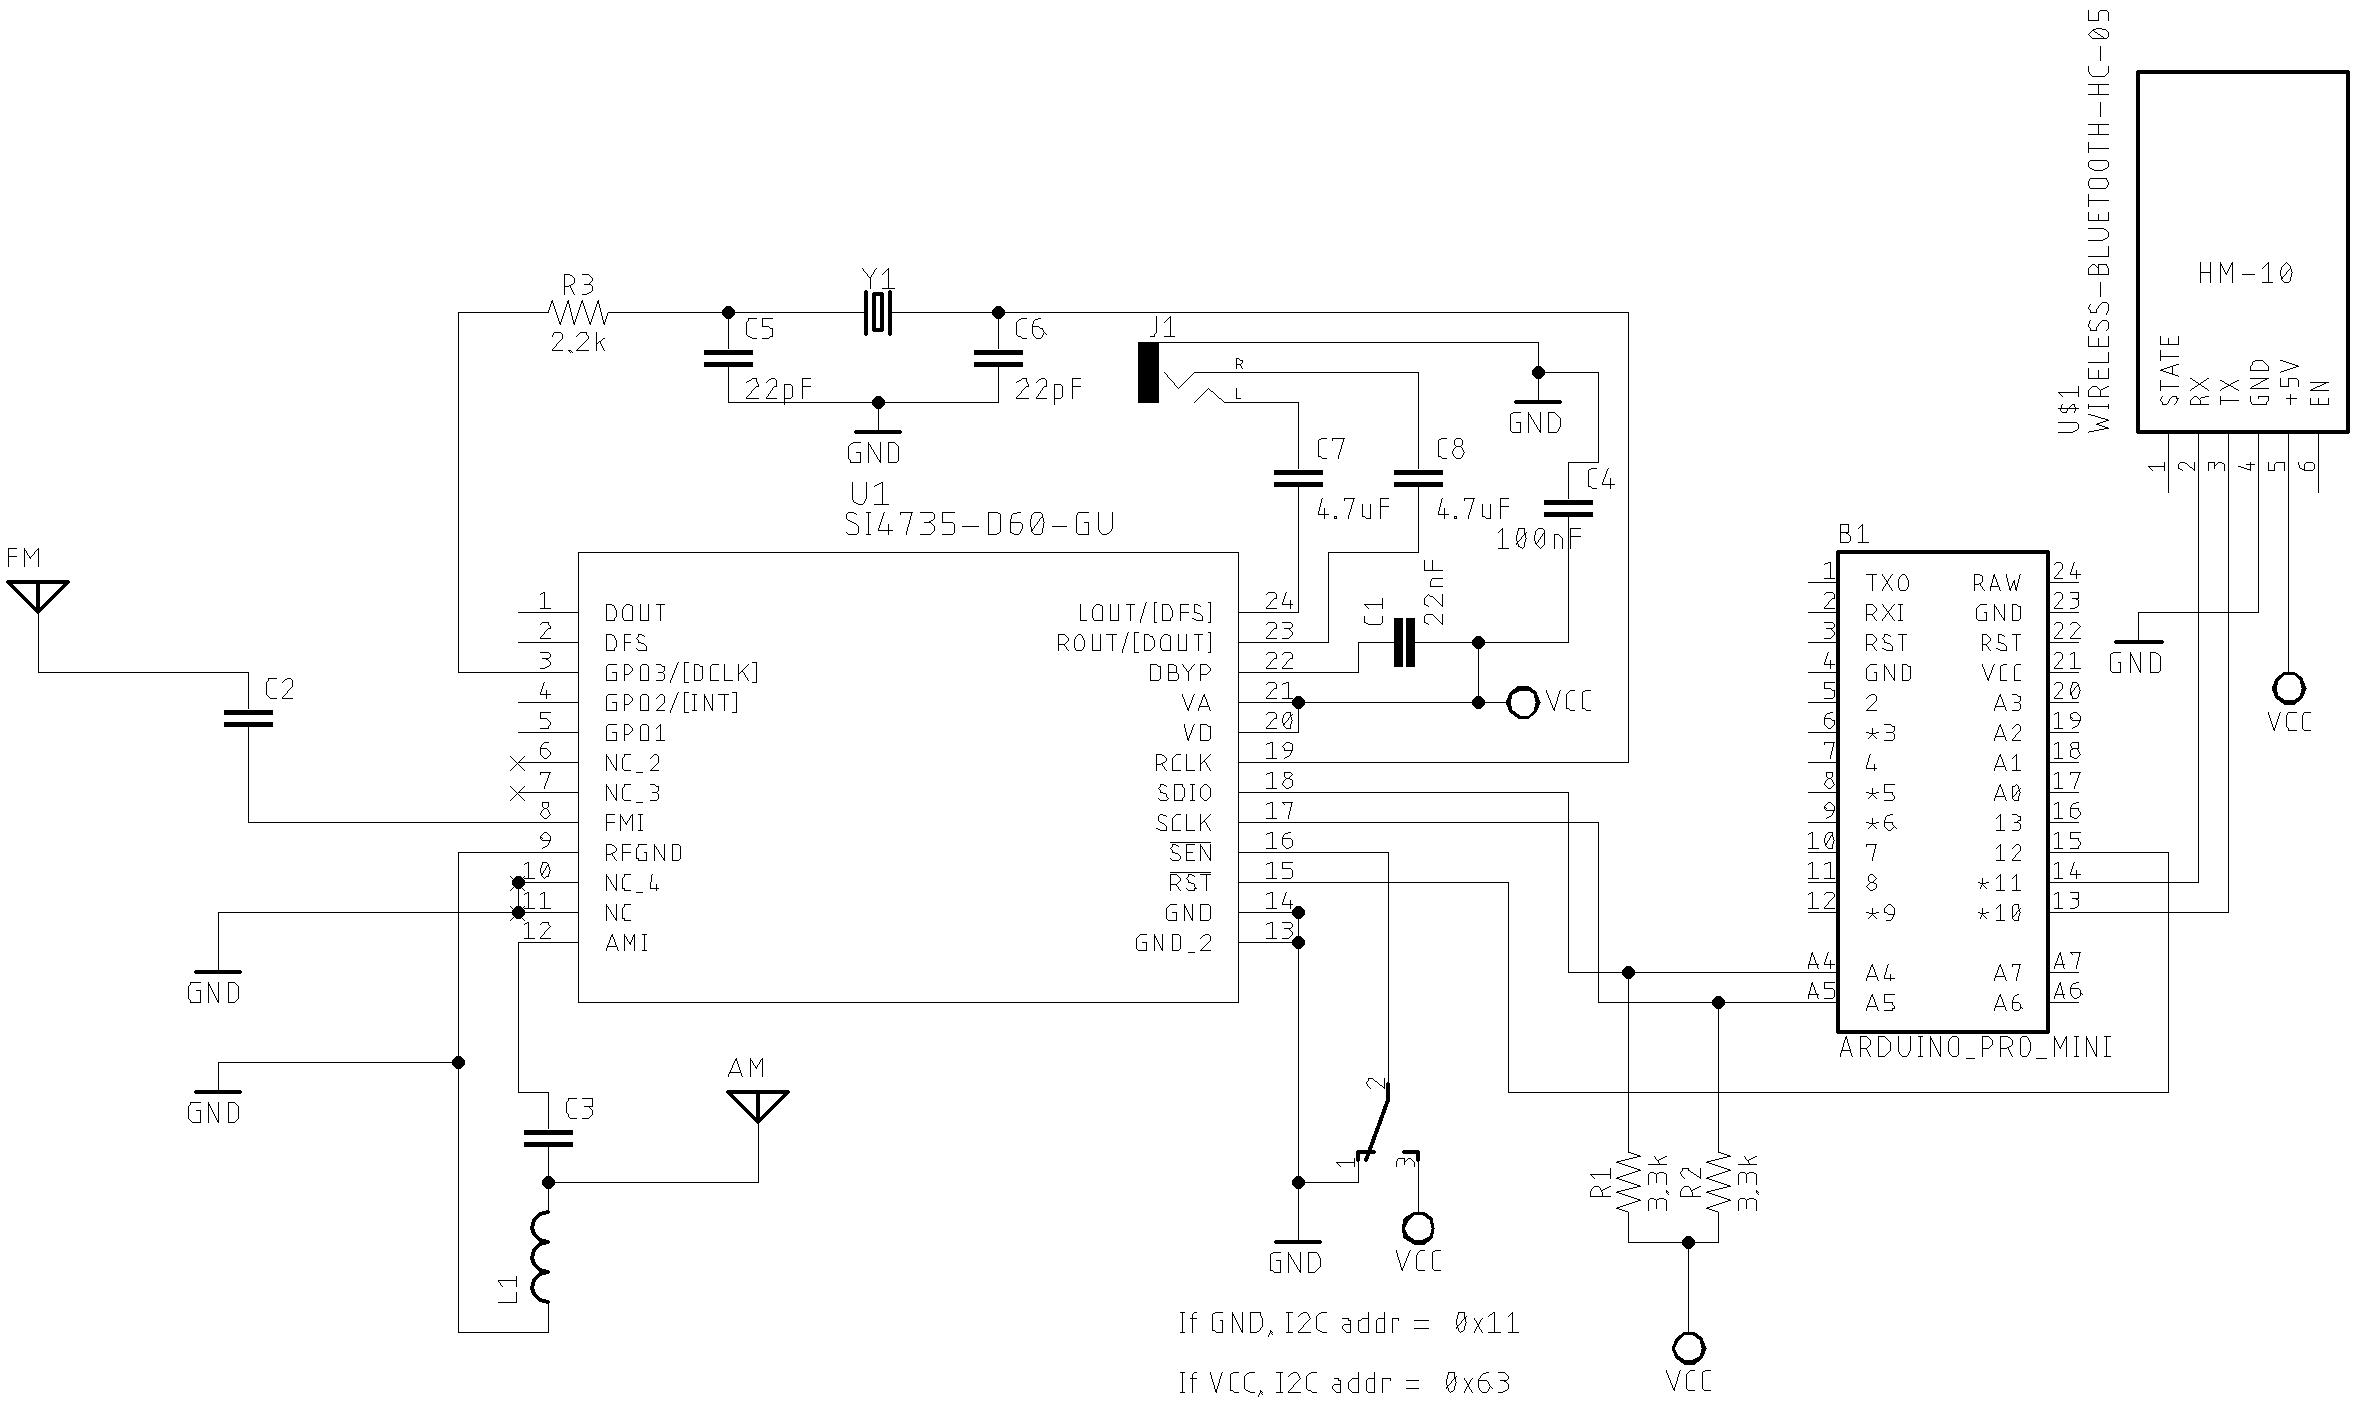 Mobile device remote control Schematic